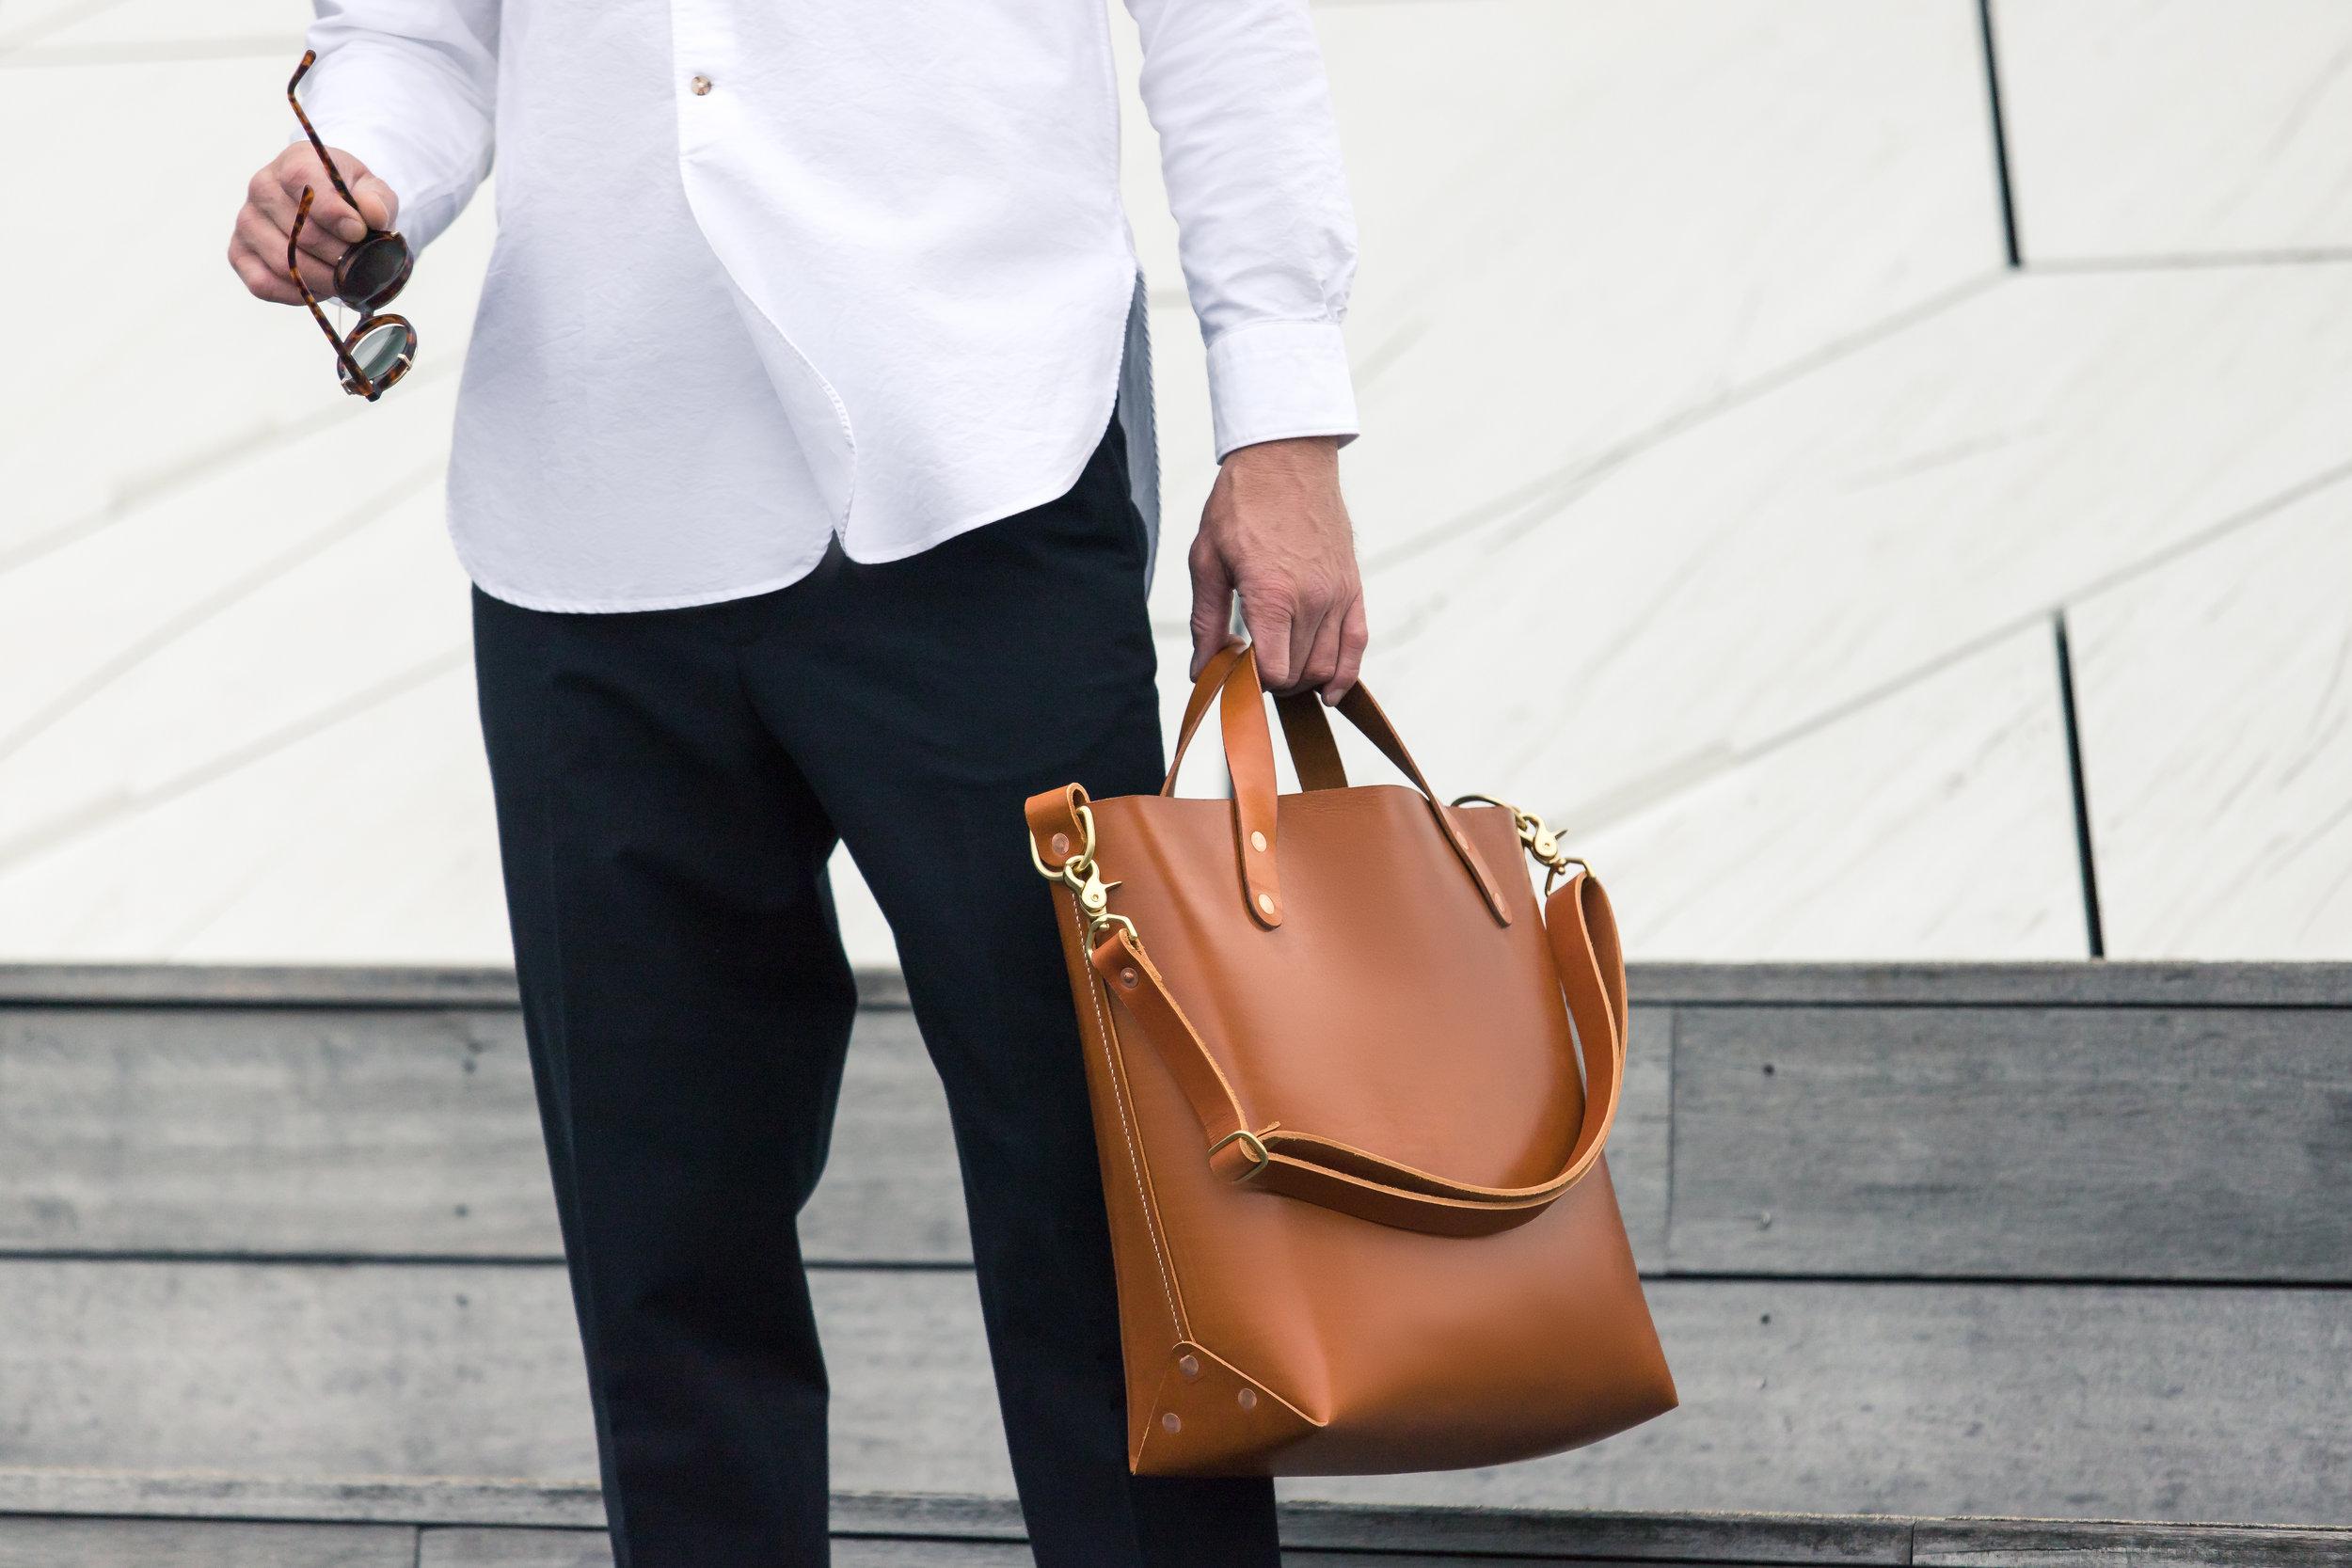 Bag: Dyemond Goods Leather bag // Shirt:  Bellerose Gowd 81  //Pants:  Bellerose Plano  //Specs:  Han Kjobenhavn Doc Clip on Amber